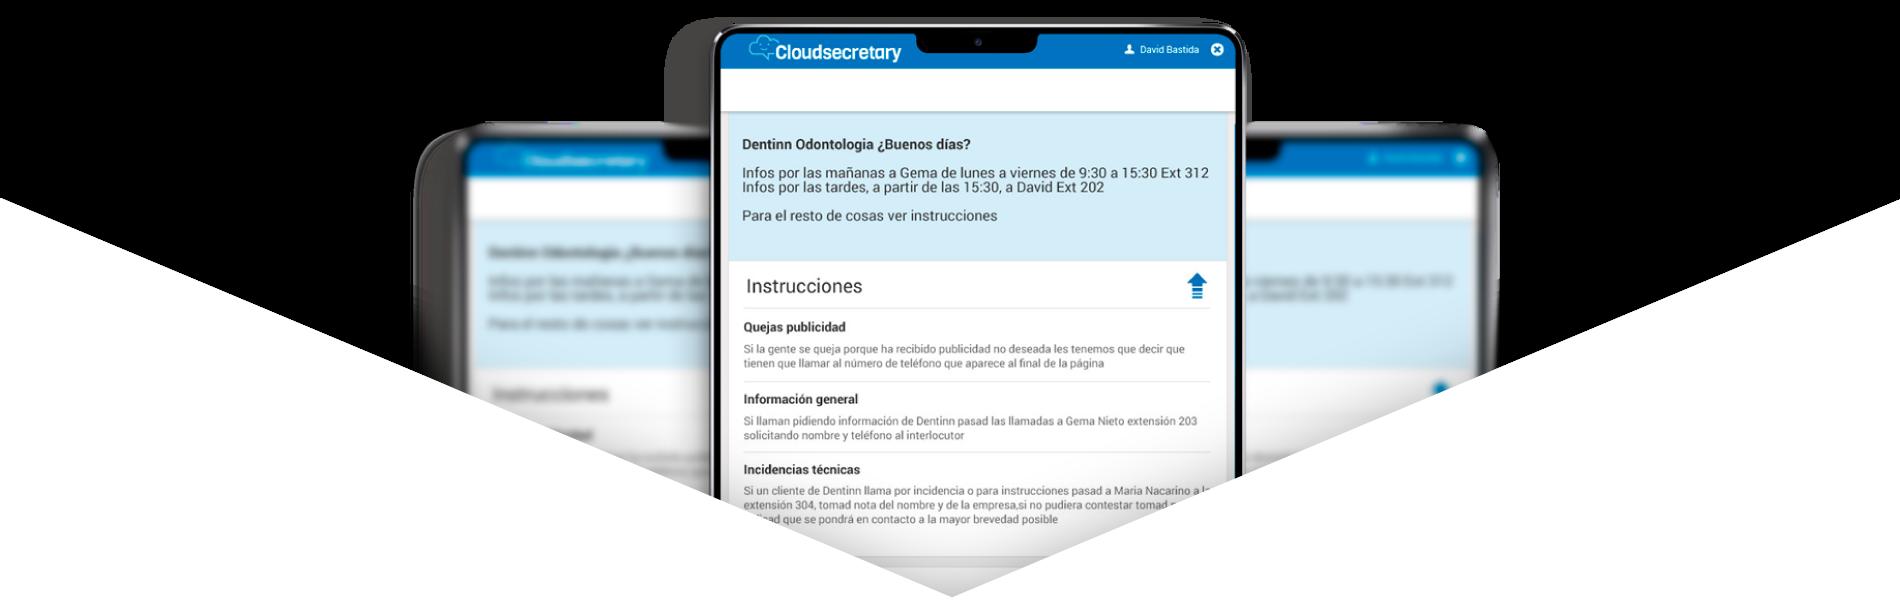 Sección de tarifas. Apartado de tablet con app